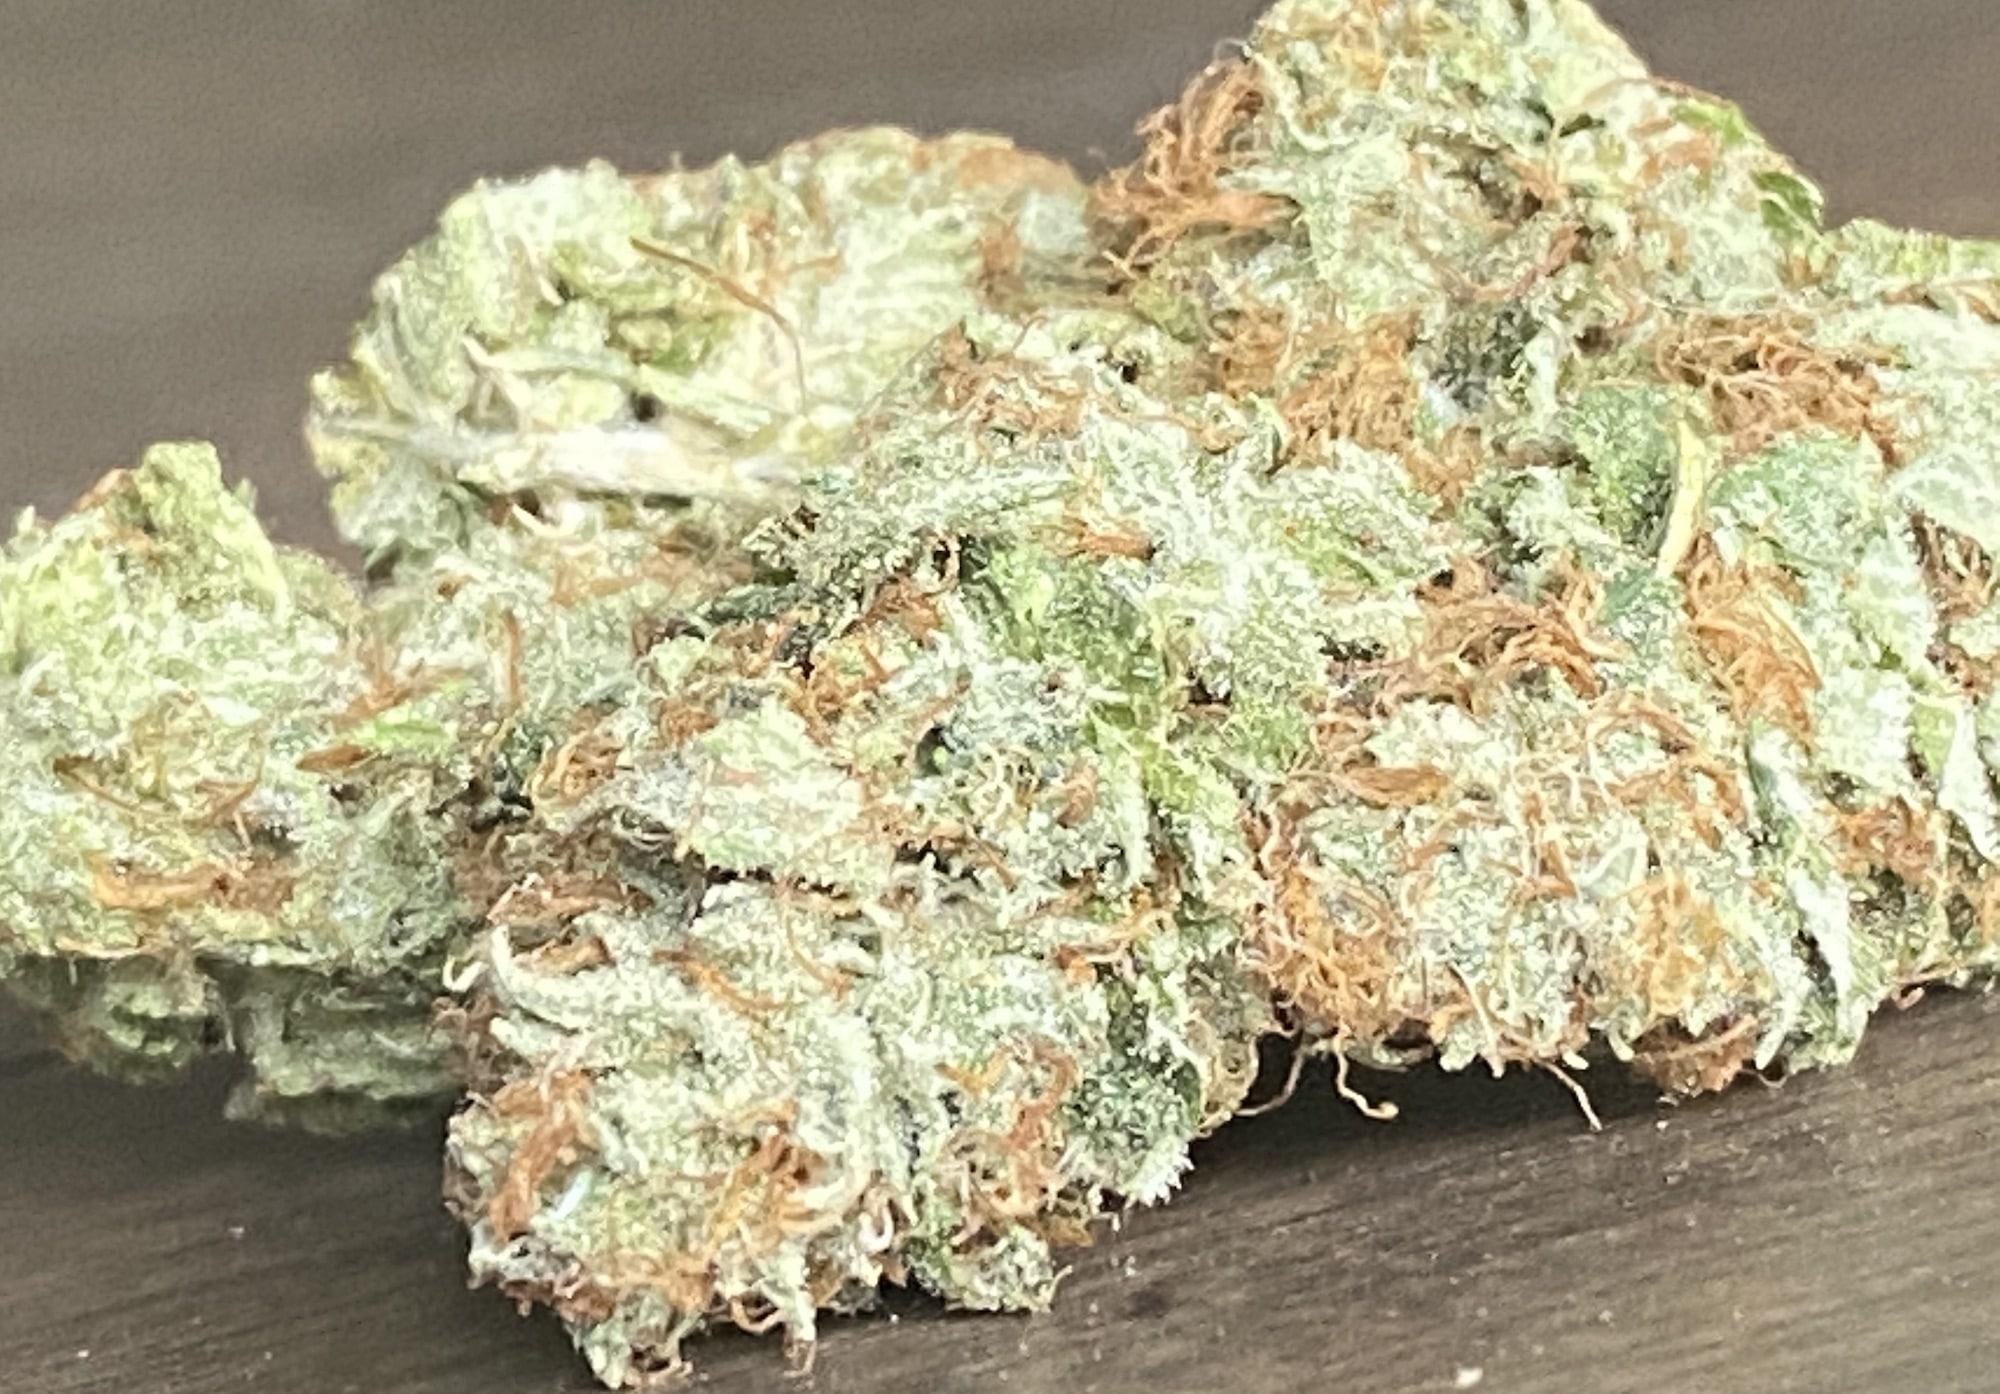 heady club dc gelatti weed photo